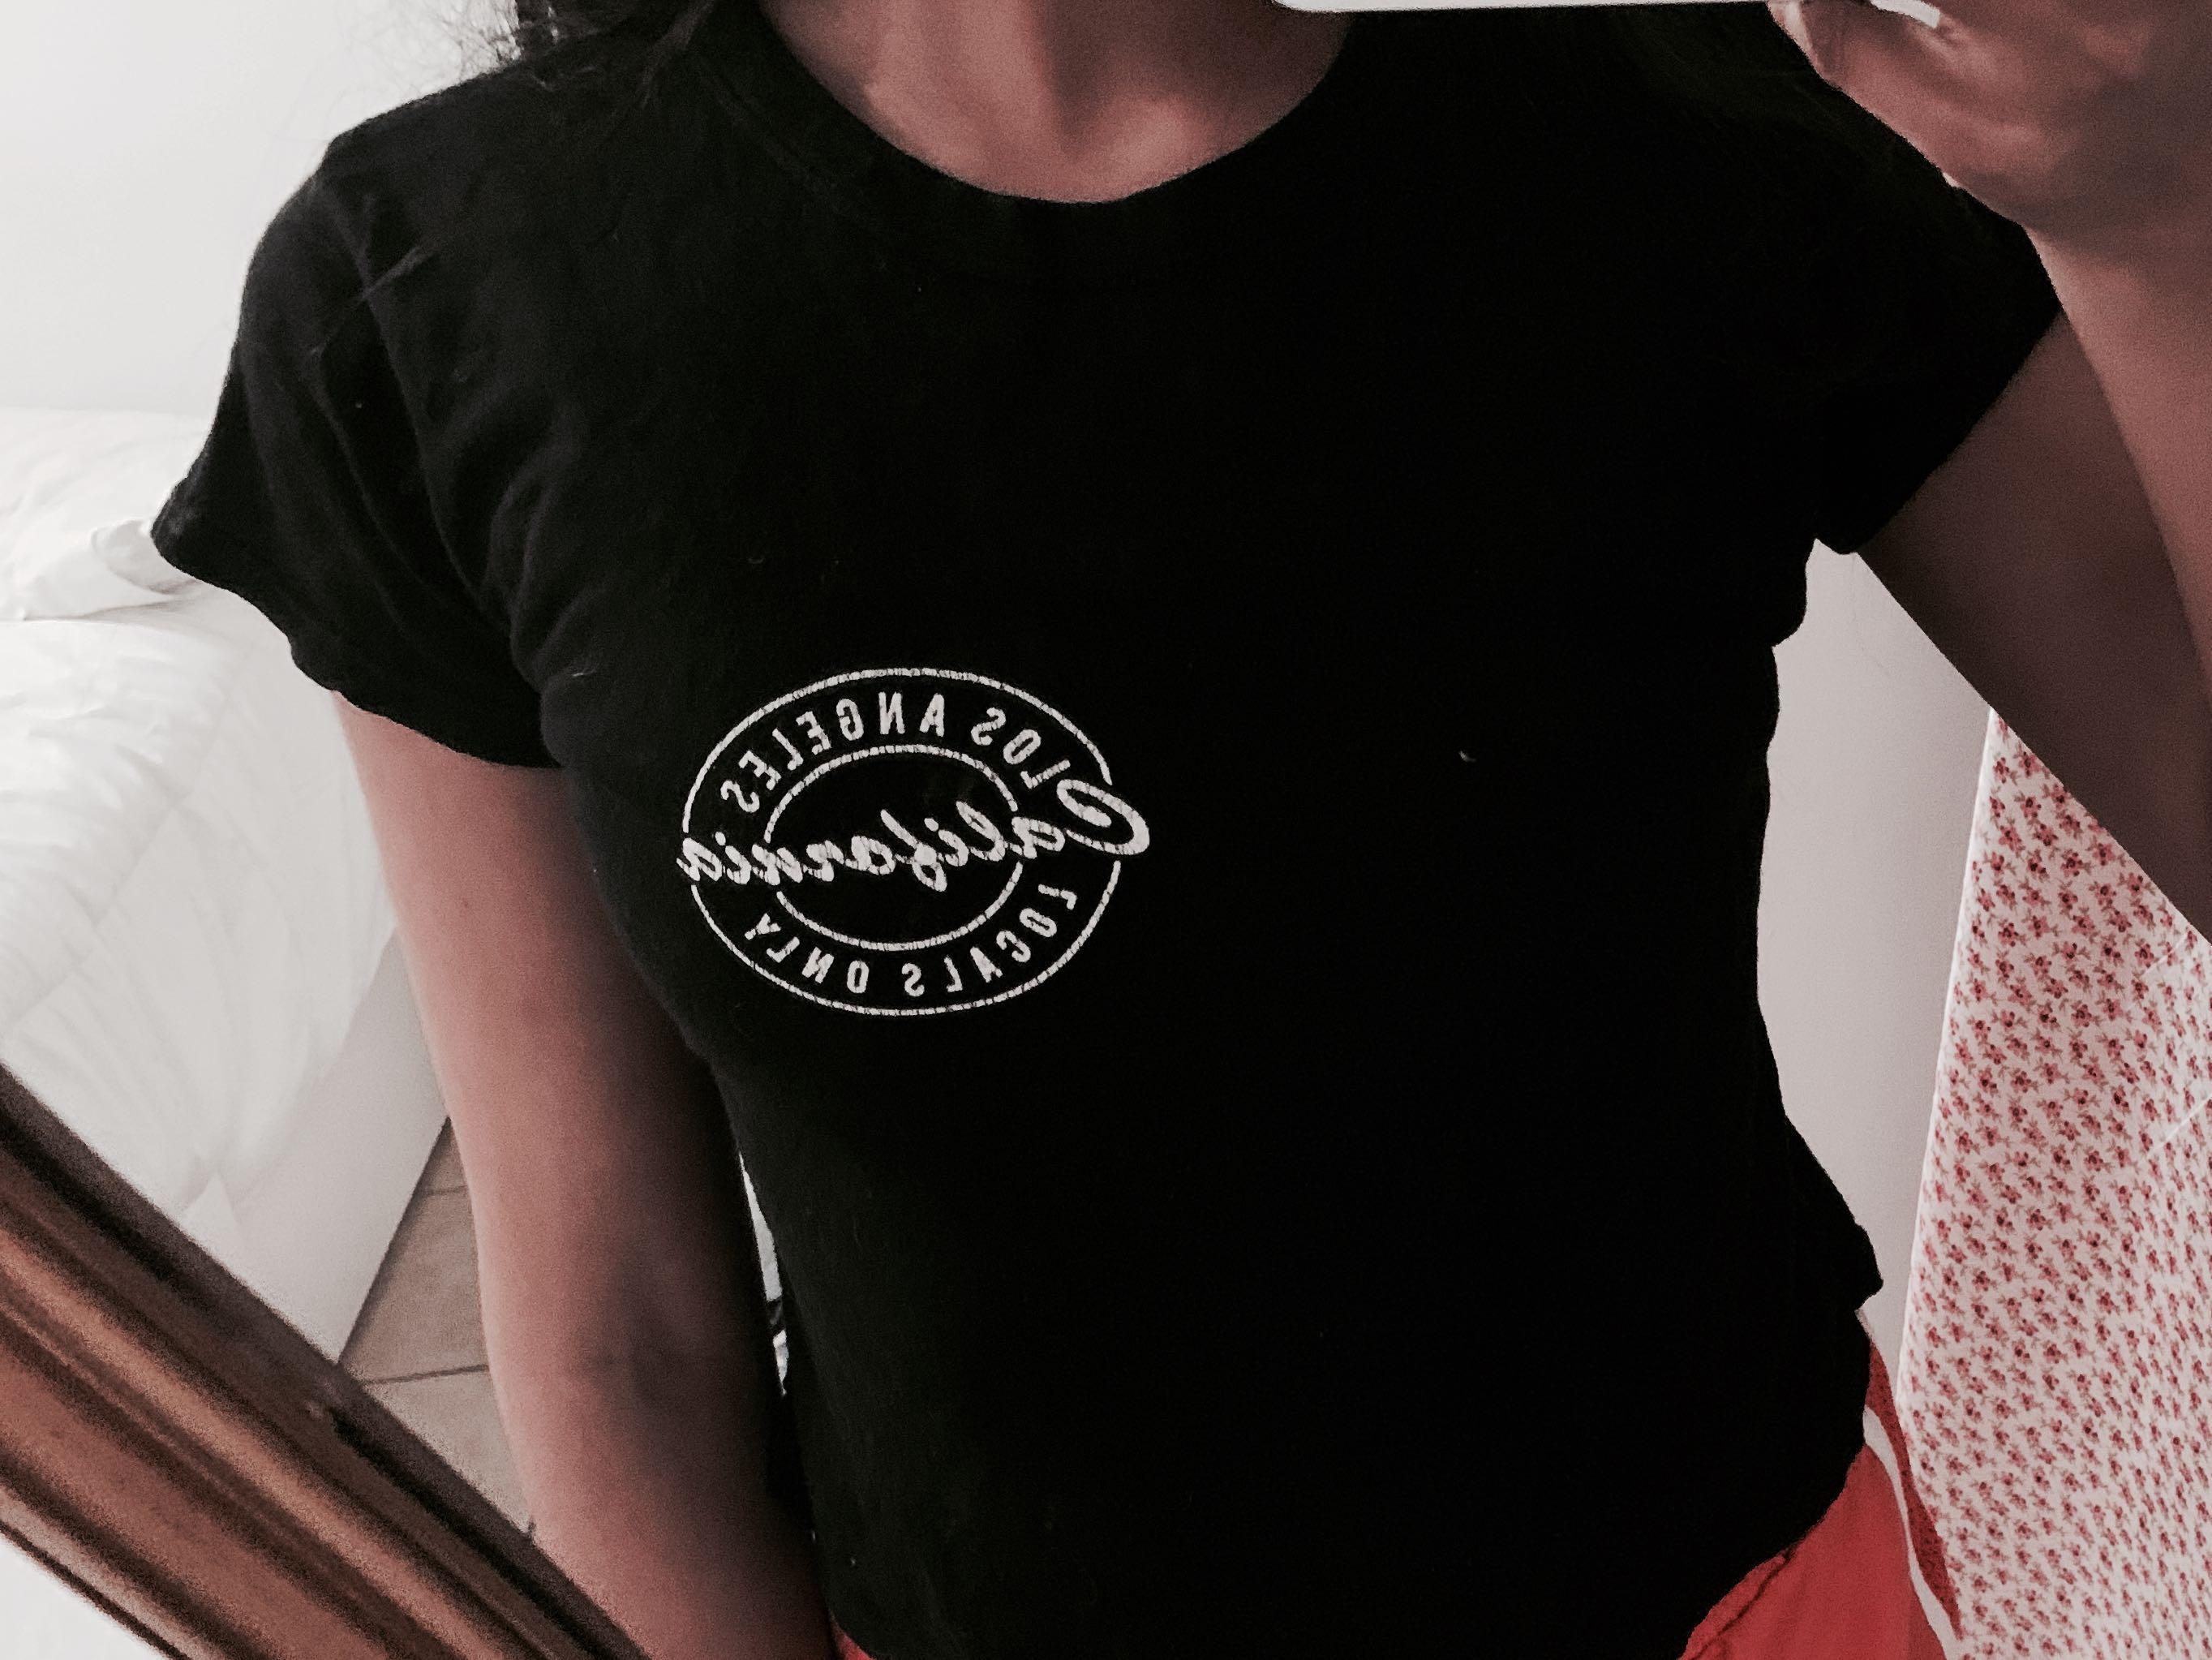 Brandy Melville LA shirt